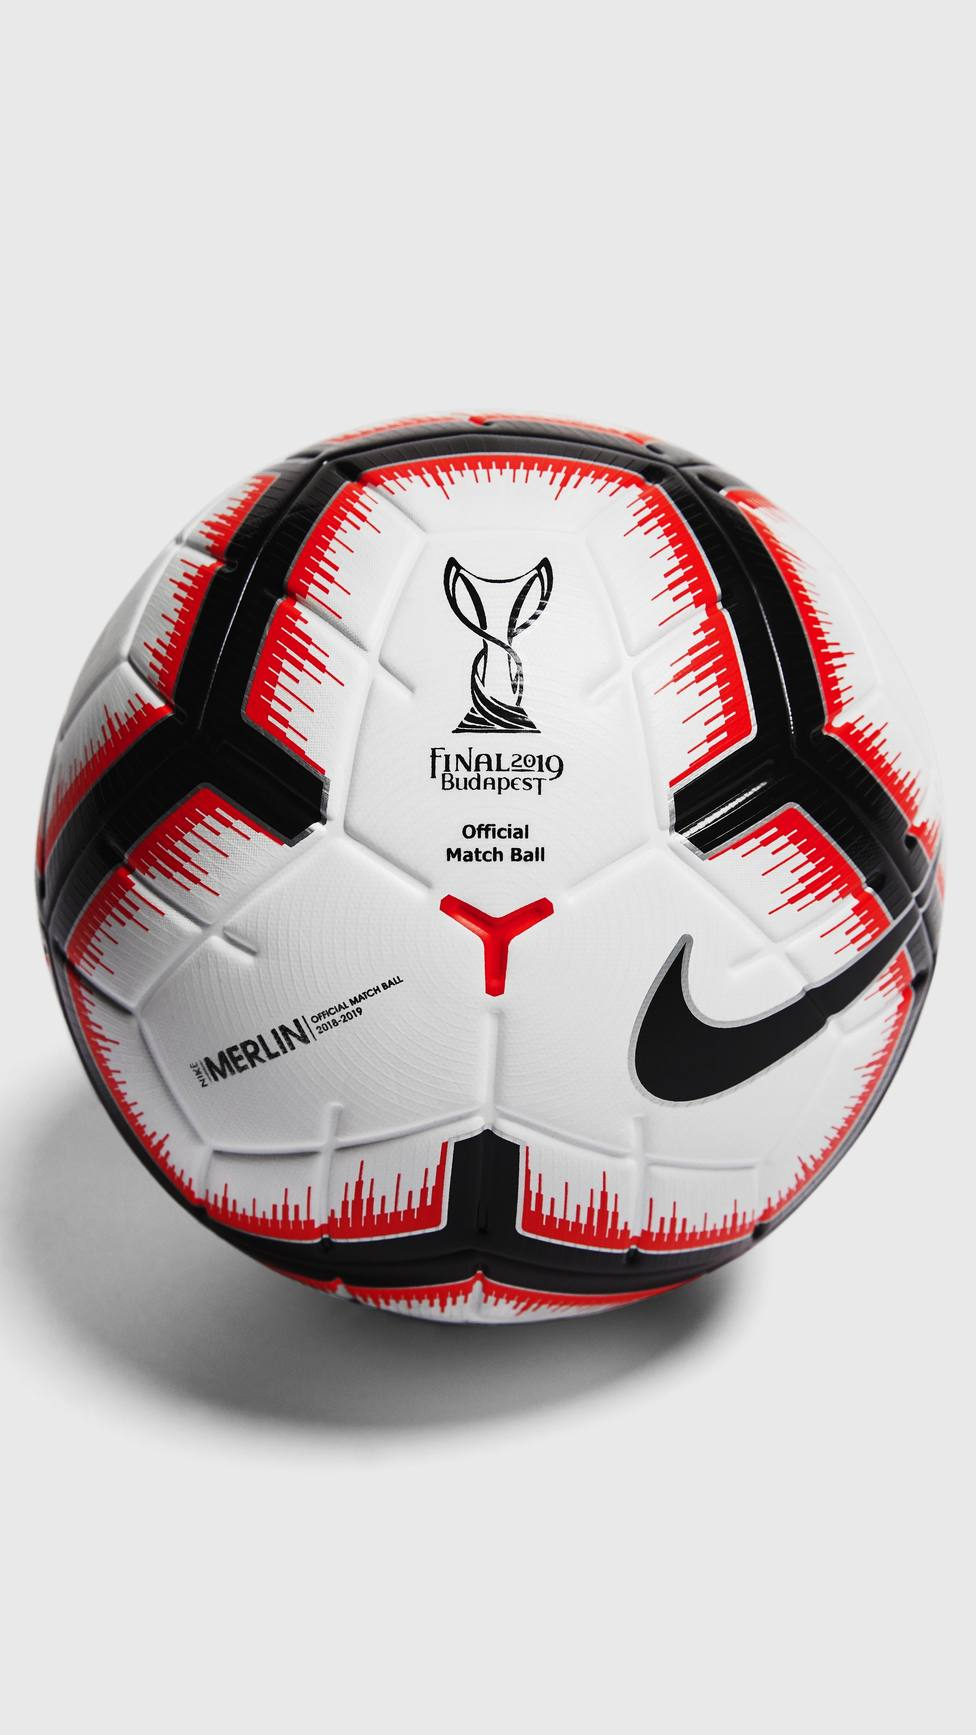 Nike será el balón oficial de la Liga de Campeones y Eurocopa femeninas  hasta 2021 - Más Deporte - COPE 3d54ef0db89f8